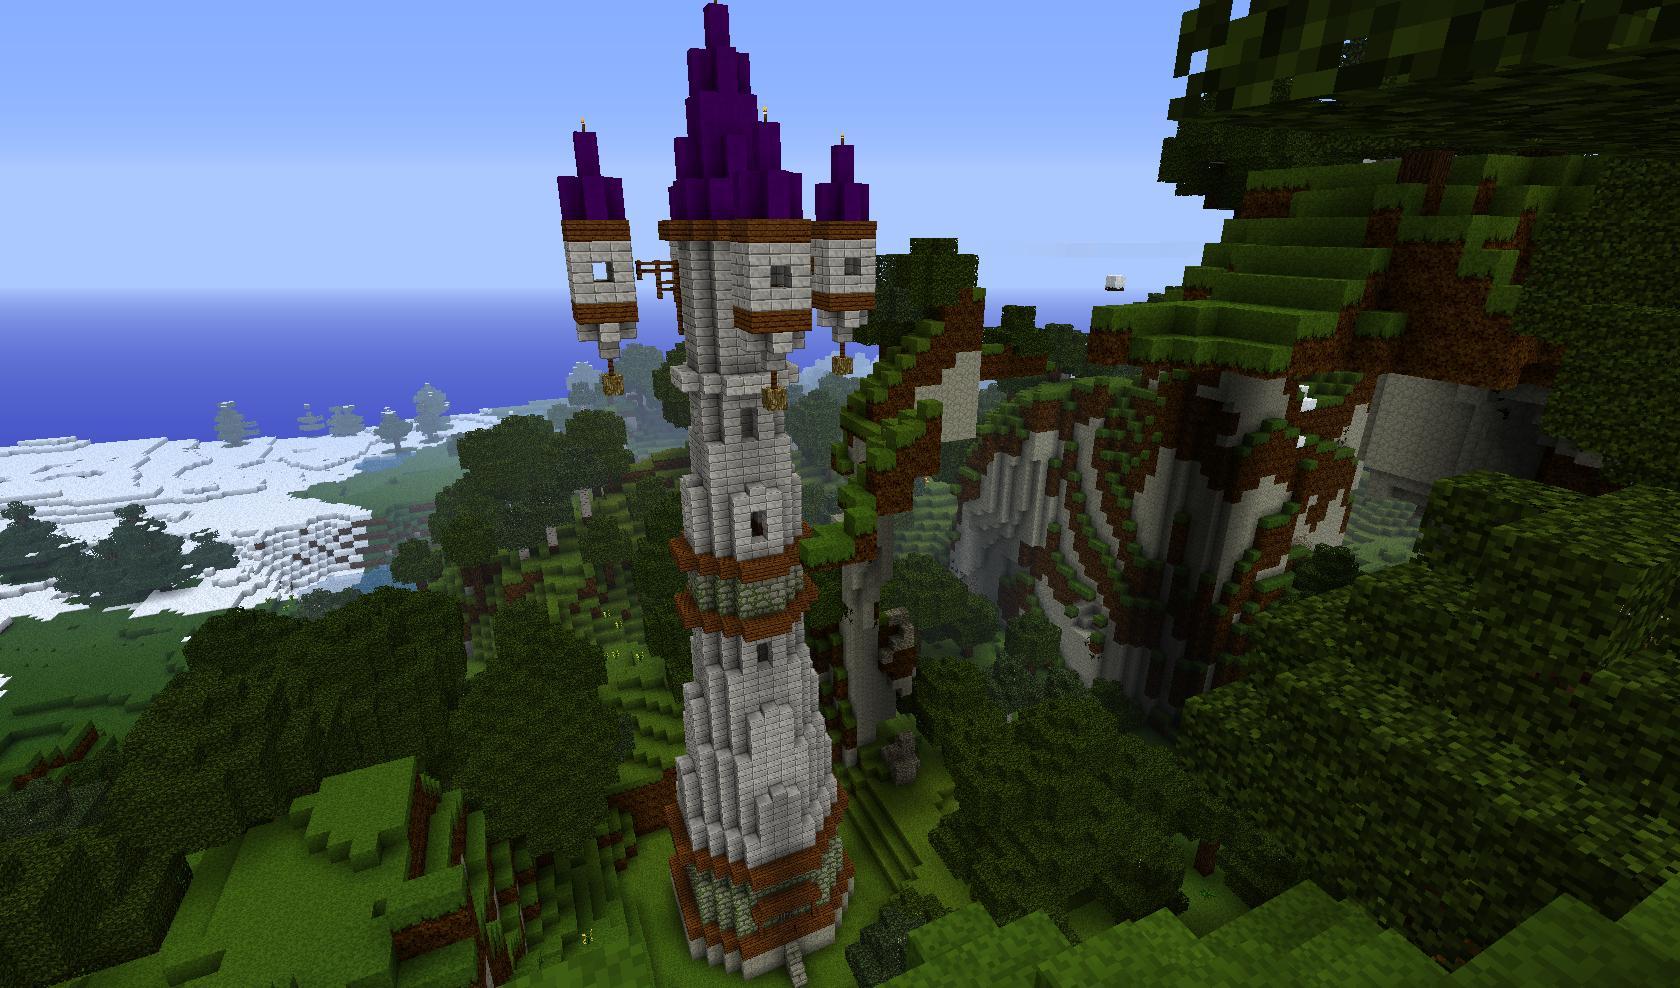 Magiczna wieża